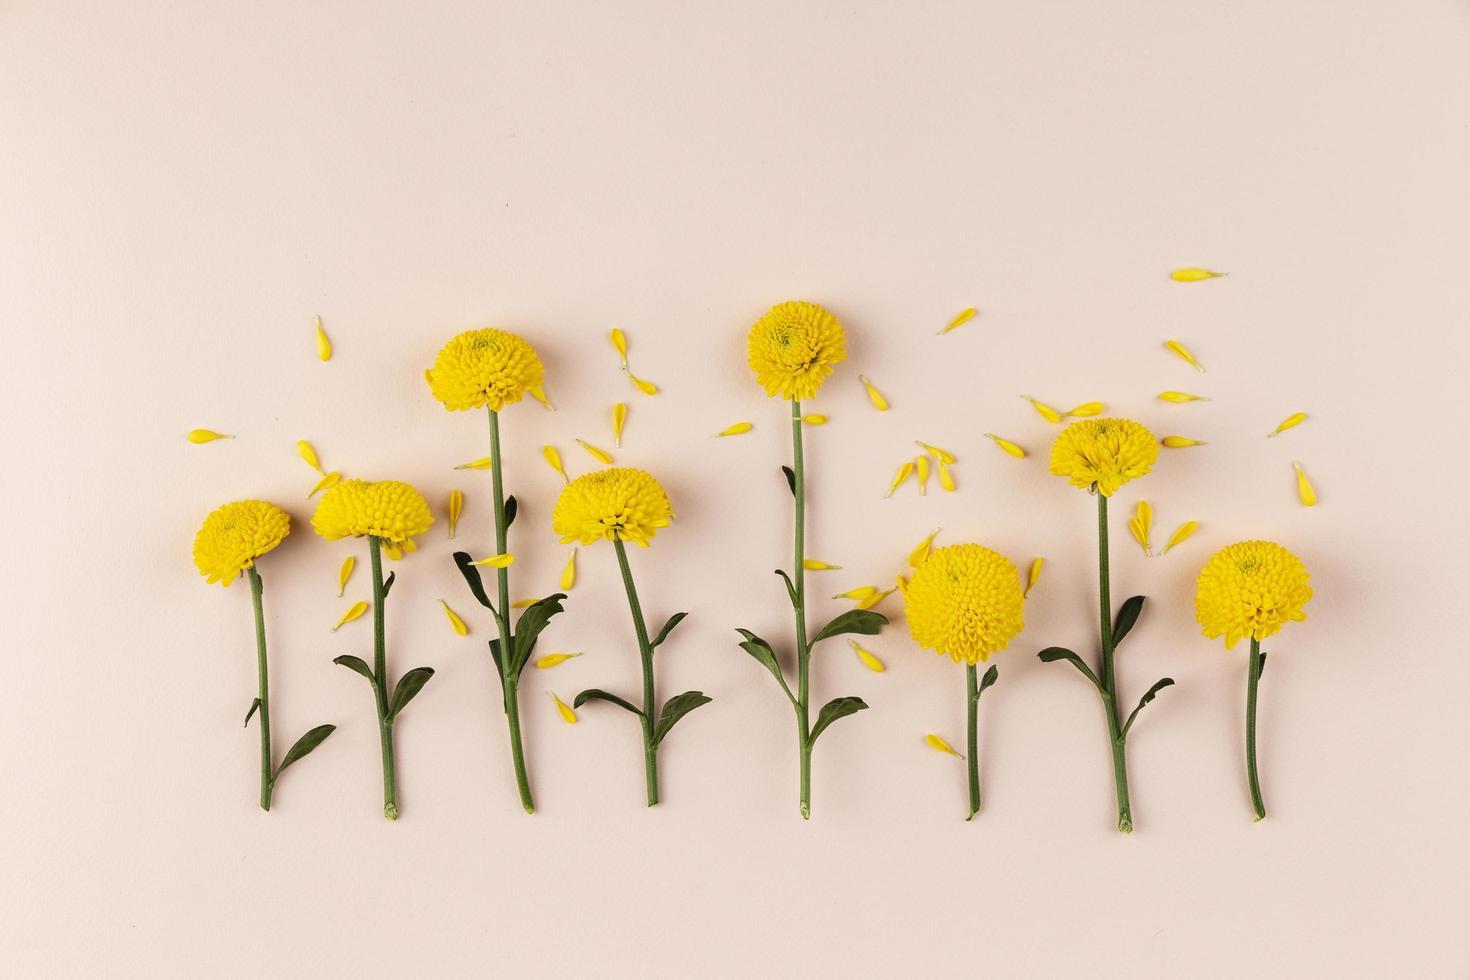 plat leggen bloemen collectie op tafel foto